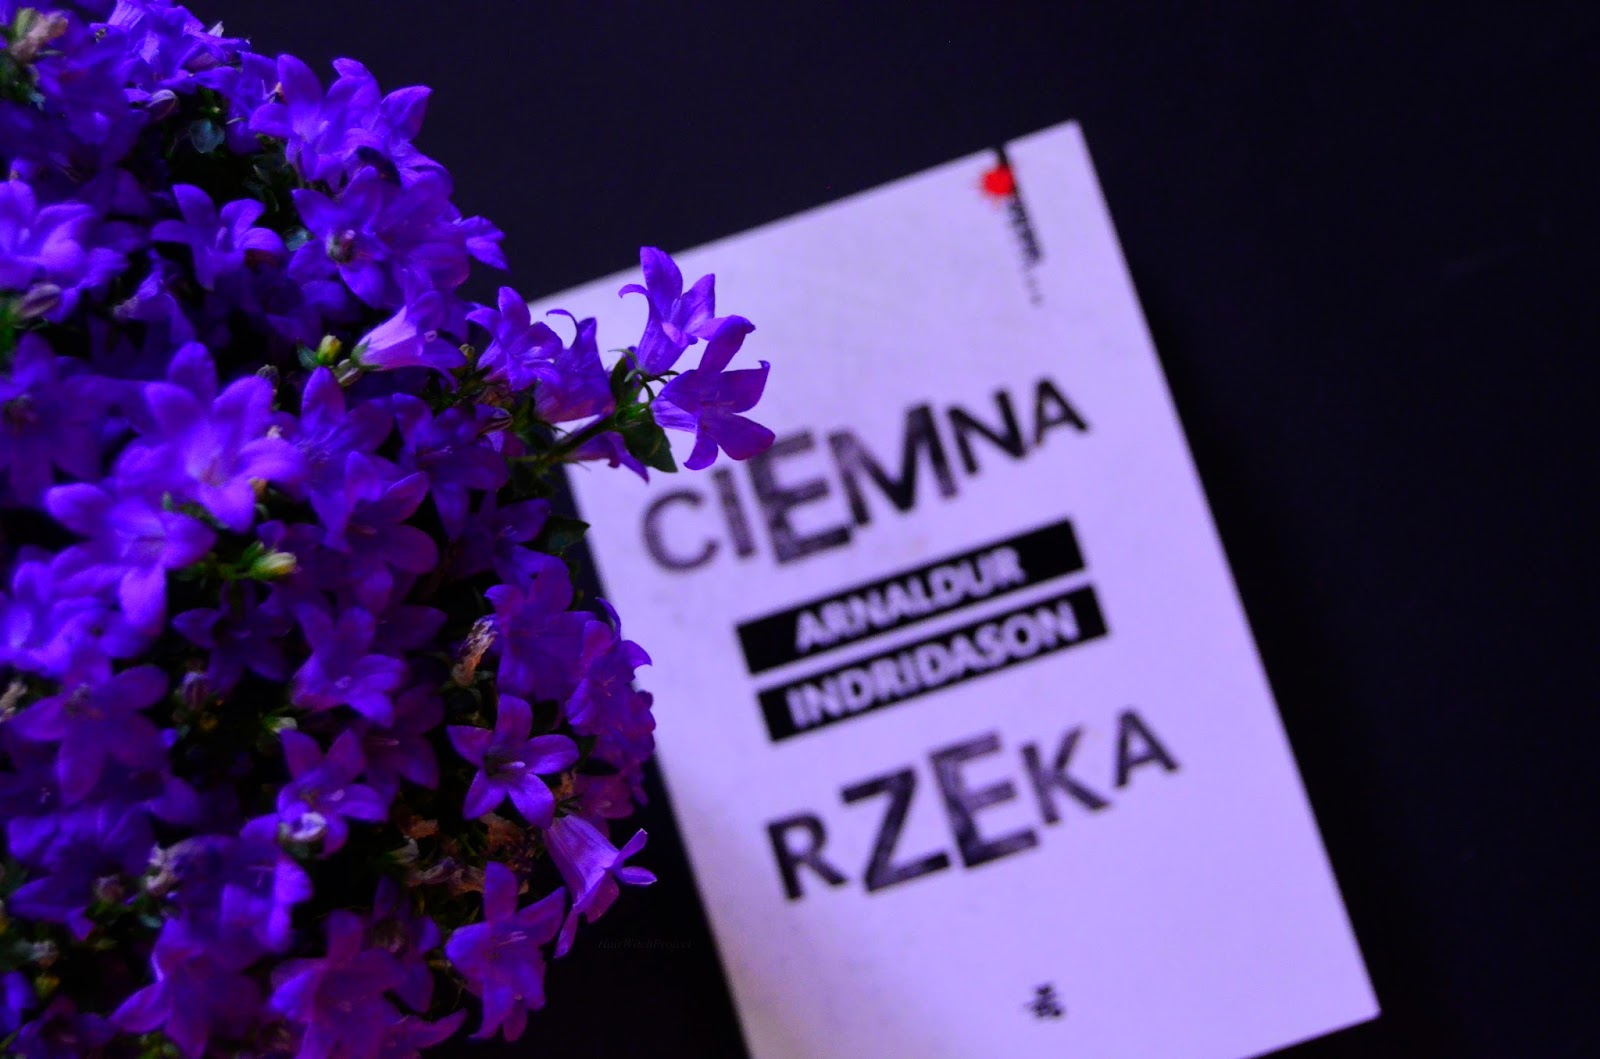 ciemna rzeka   książka   recenzja   kwiat